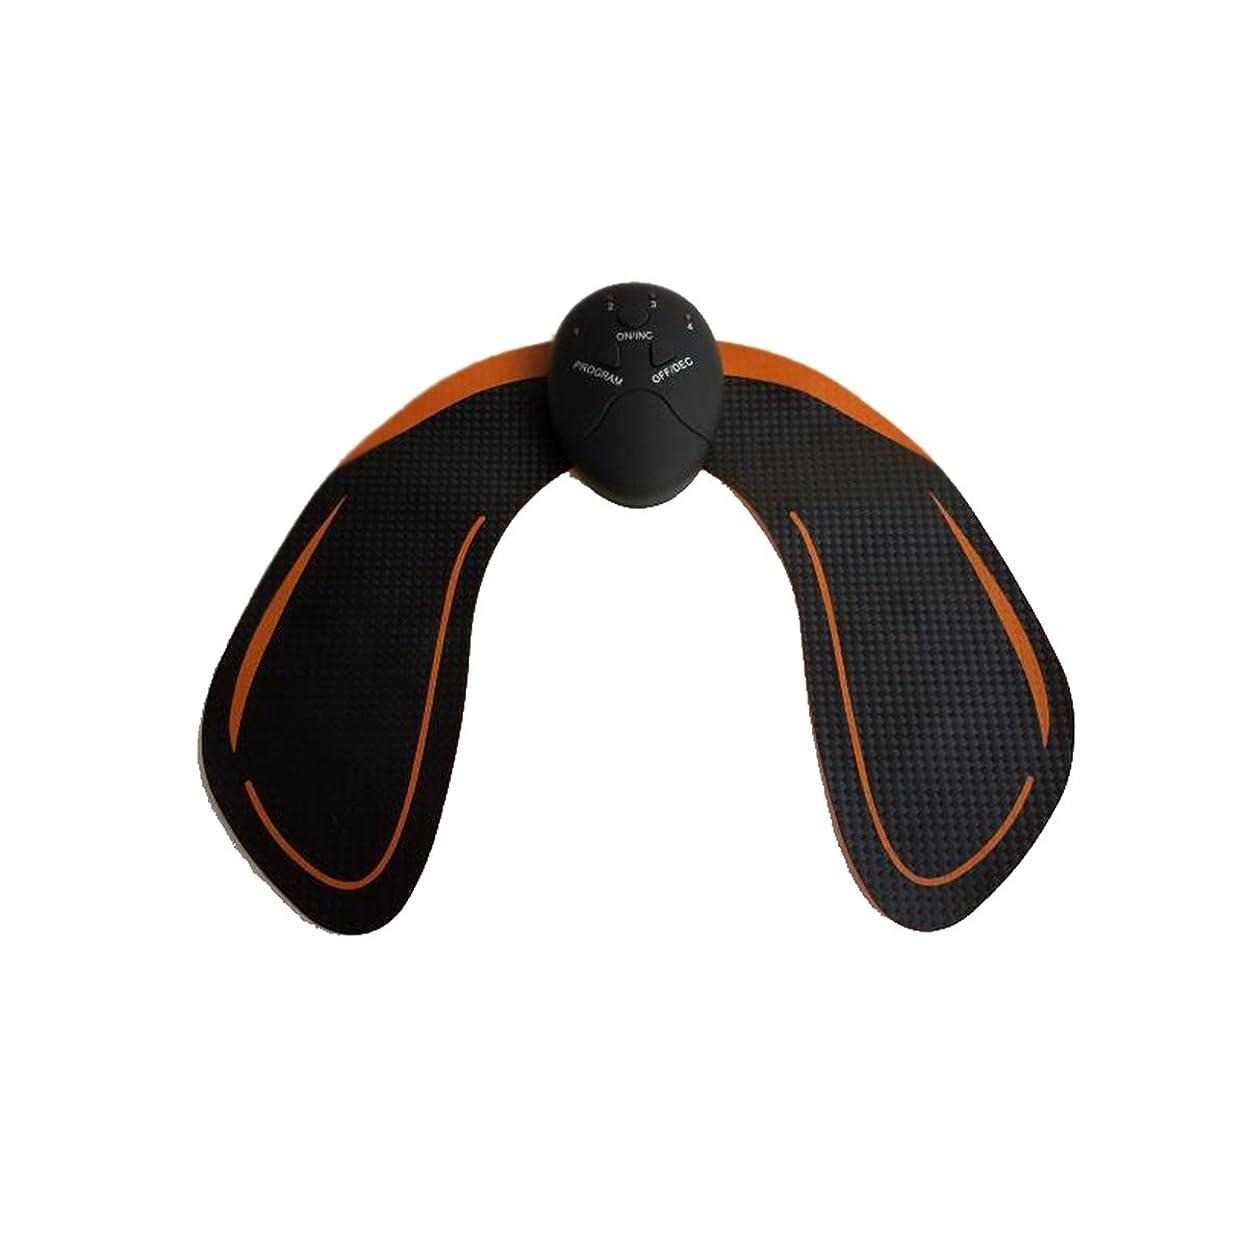 ヘクタールホラー追放Healifty EMS トレーニングパッド ヒップアップ お尻専用 多機能 筋トレ器具 ダイエット 筋肉振動 引き締める 強さ階段調節 電池式 男女兼用(黒)